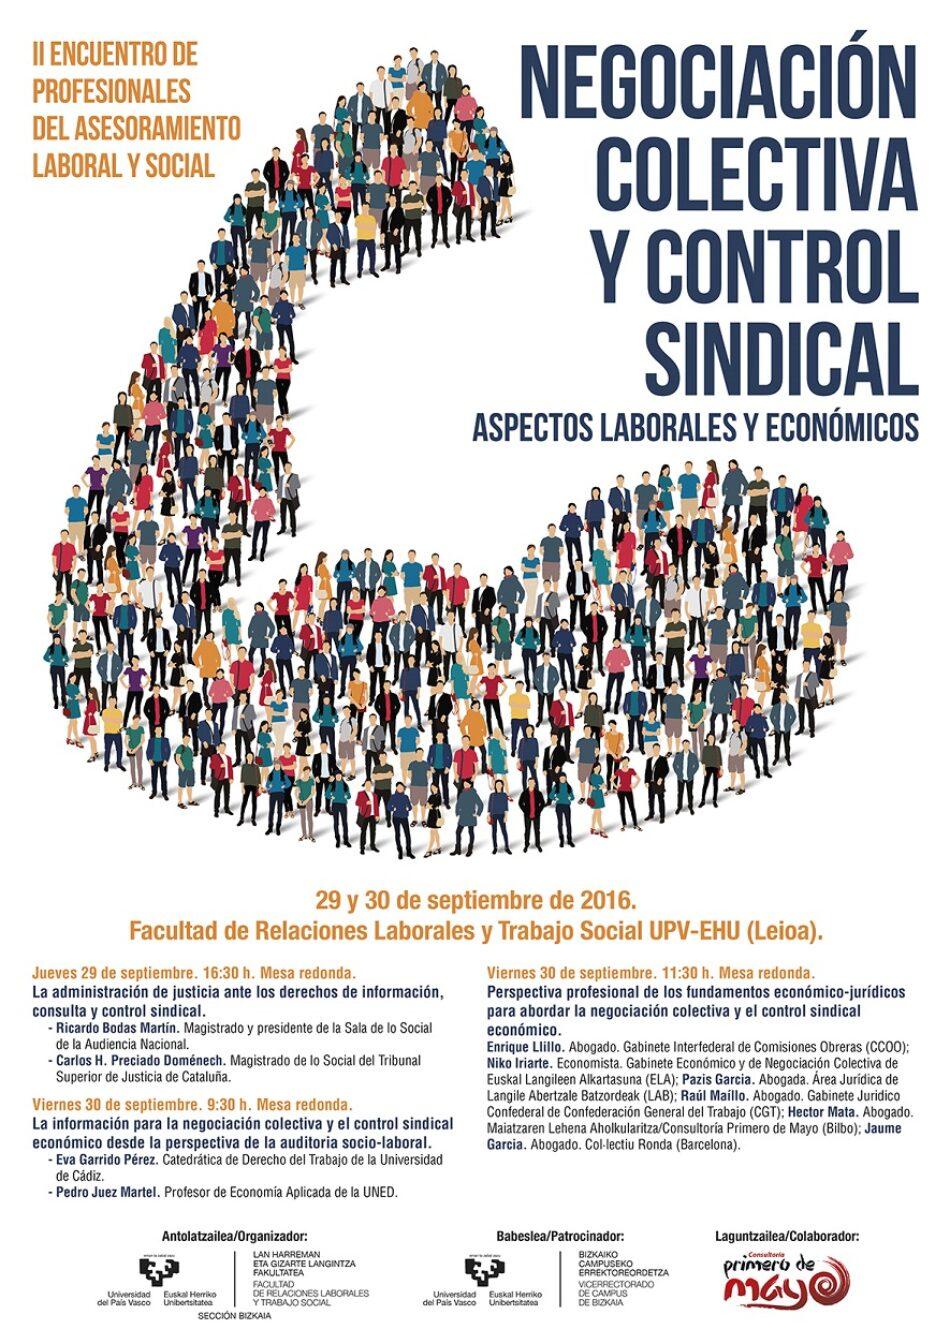 Nuevo encuentro de profesionales del asesoramiento laboral y social en la UPV-EHU